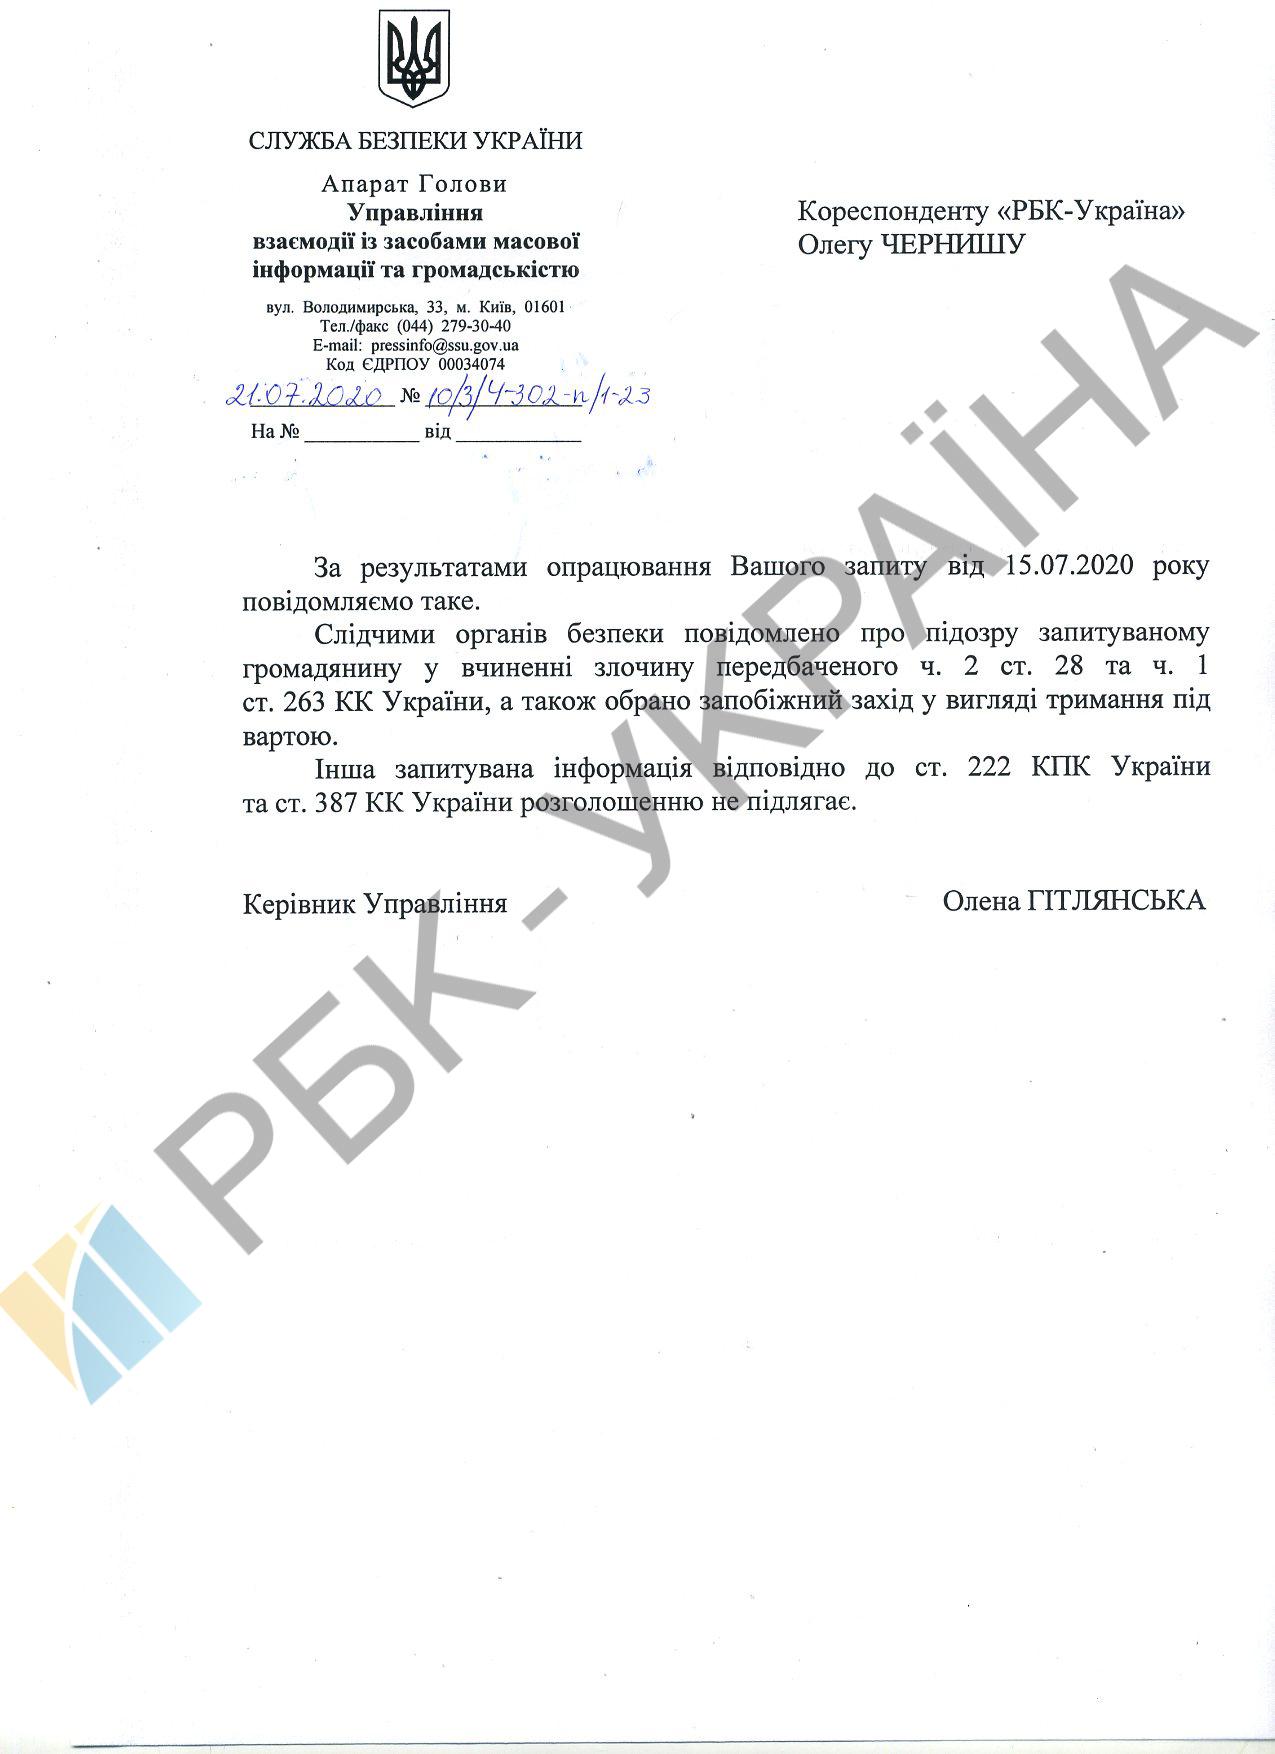 СБУ задержала бывшего силовика, которого боевики обвинили в убийстве Захарченко